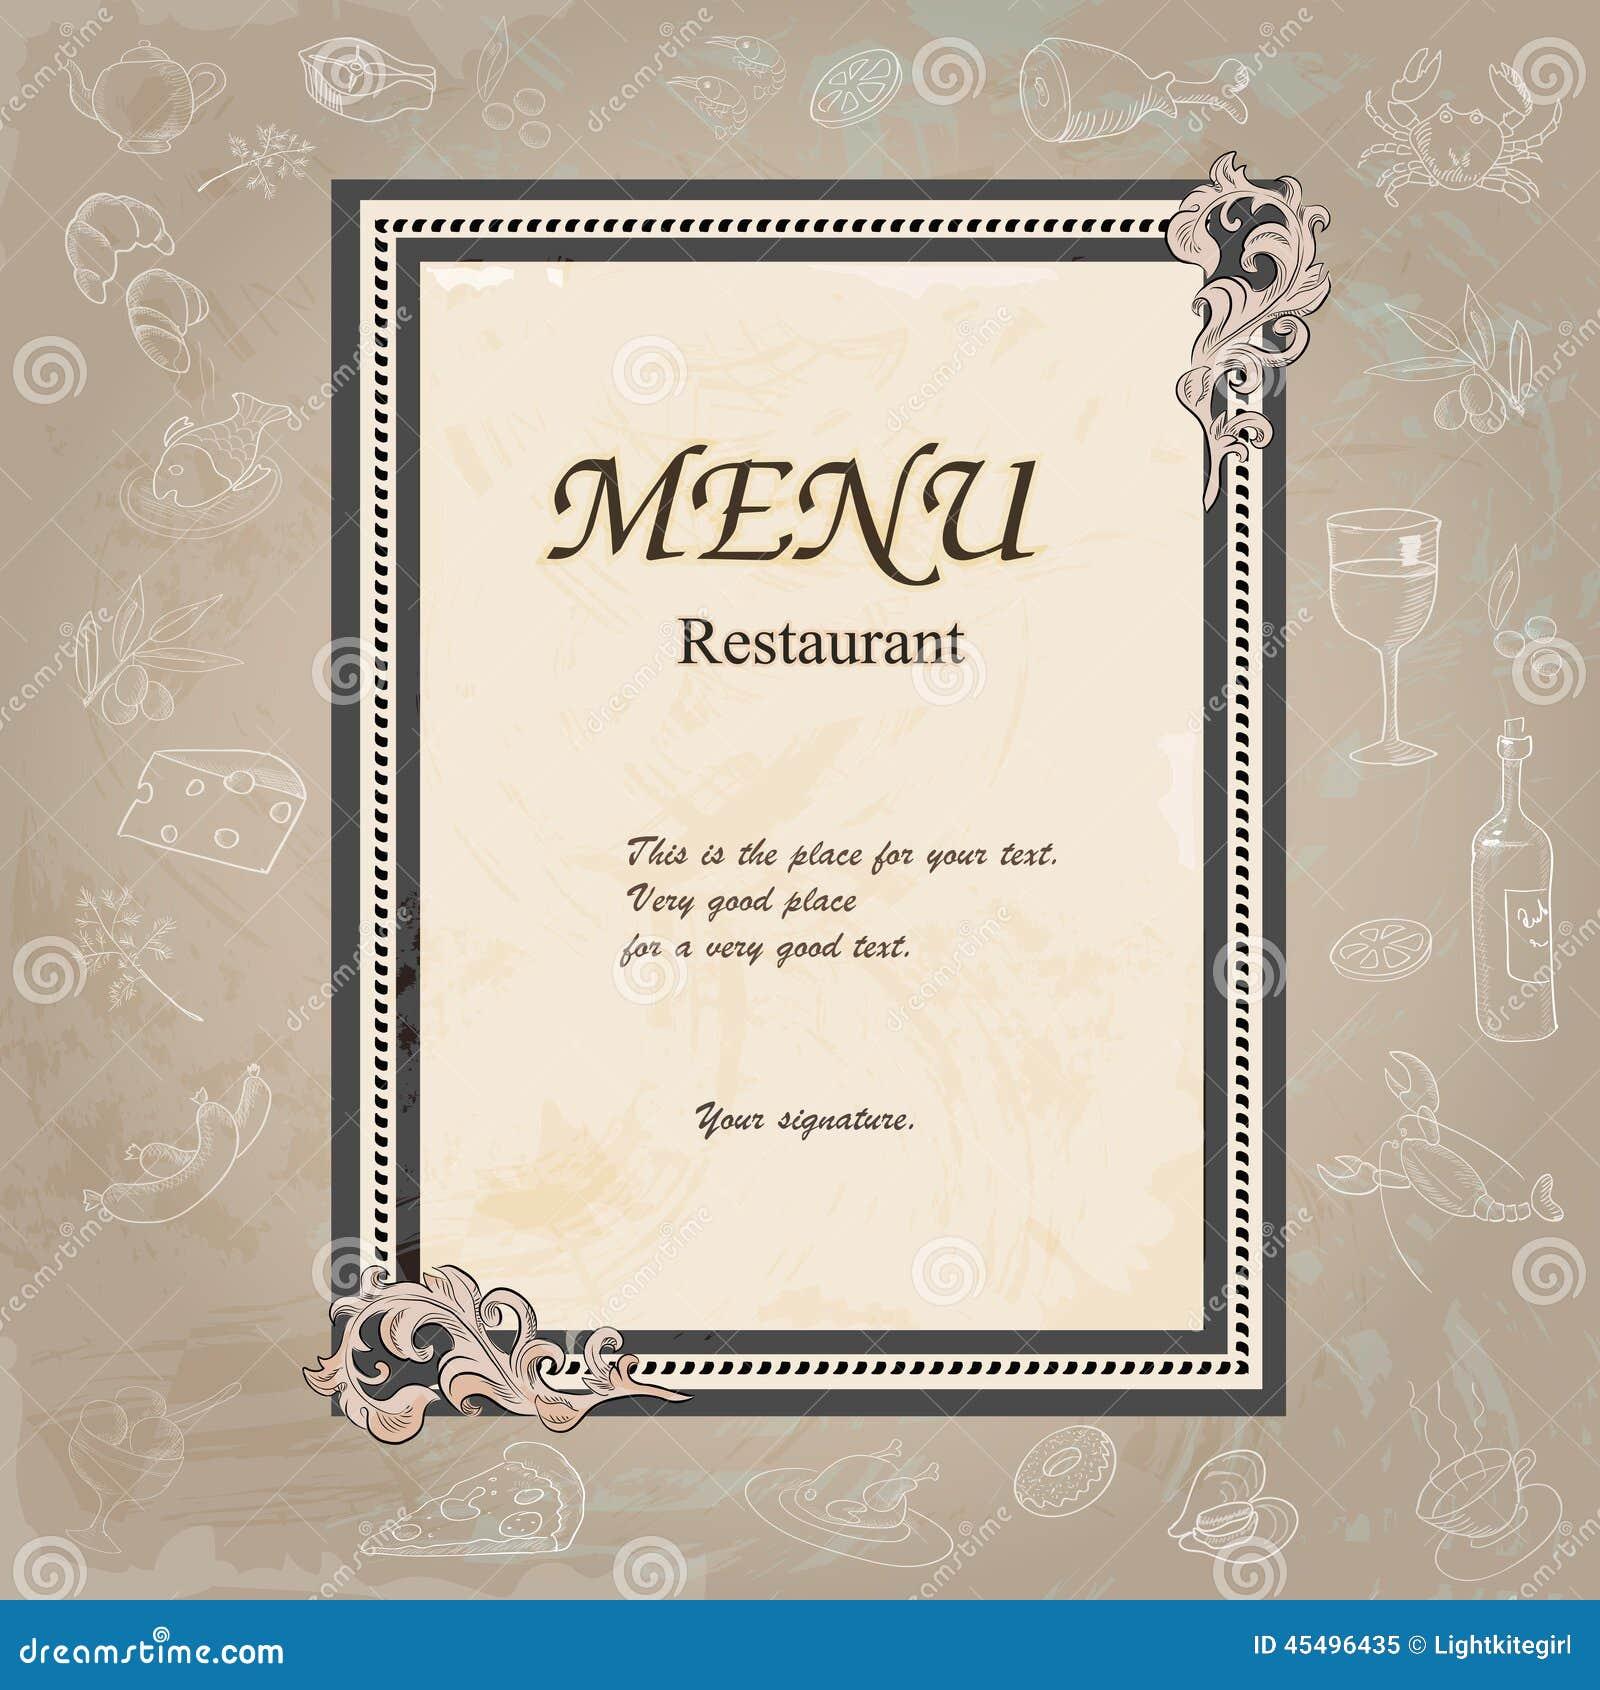 Restaurant Menu Design With Old Floral Frame Stock Vector ...